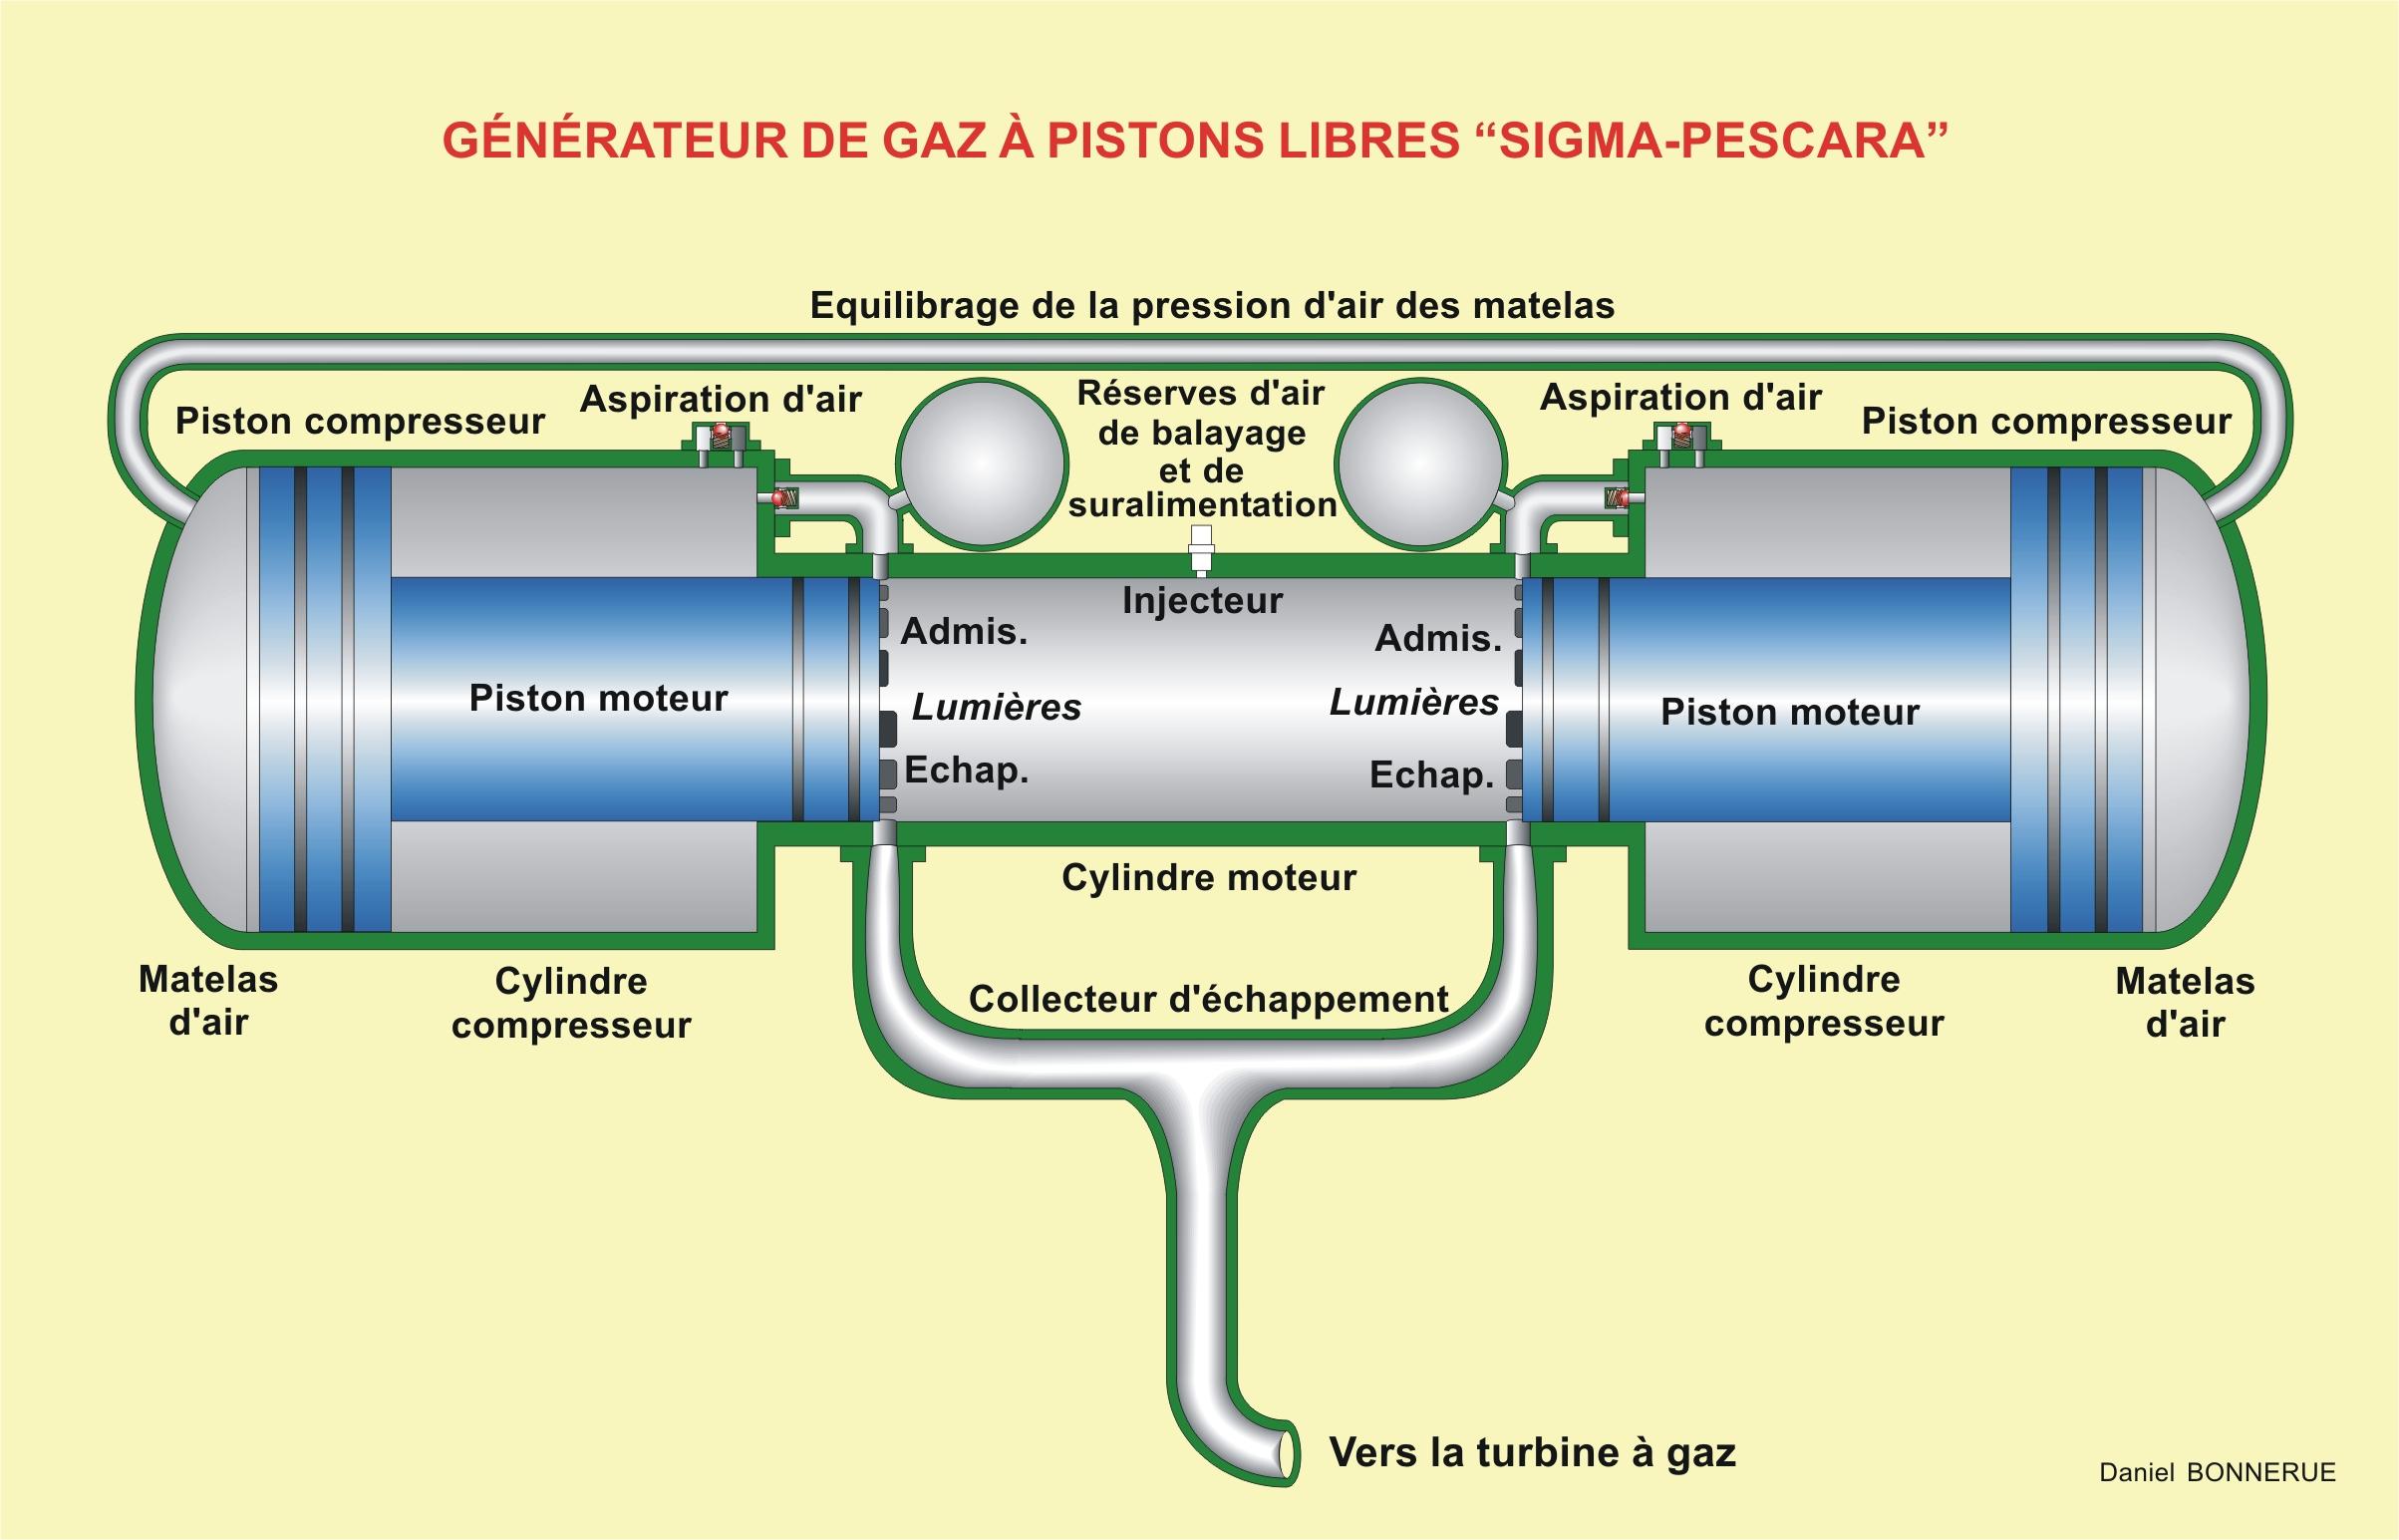 Filegnrateur De Gaz Pistons Libres Wikimedia Commons Engine Diagram Schedule